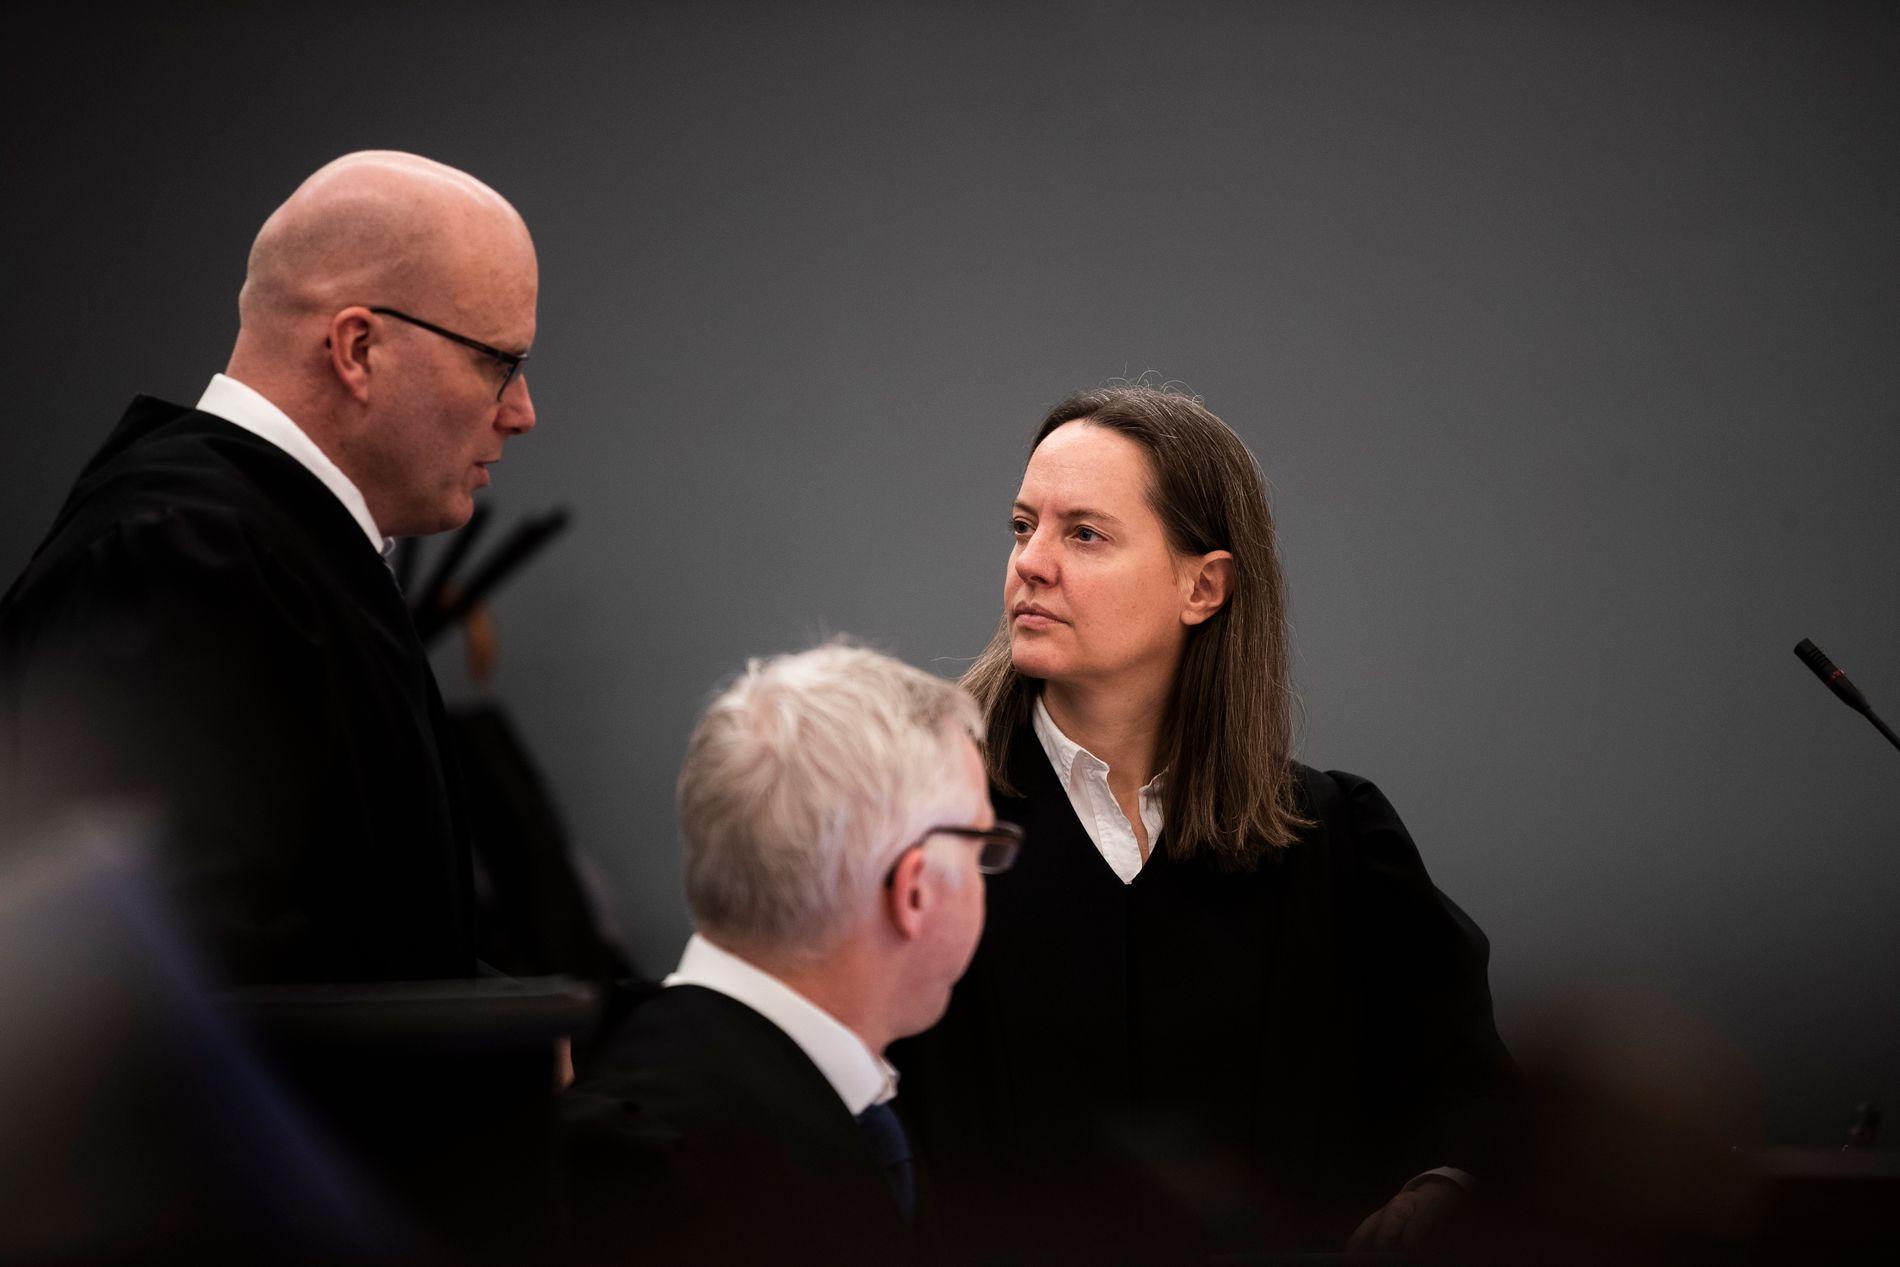 LYKTES IKKE: Aktoratet fra Spesialenheten for politisaker klarte ikke å overbevise juryen om at Eirik Jensen var skyldig i medvirkning til innførsel av narkotika.